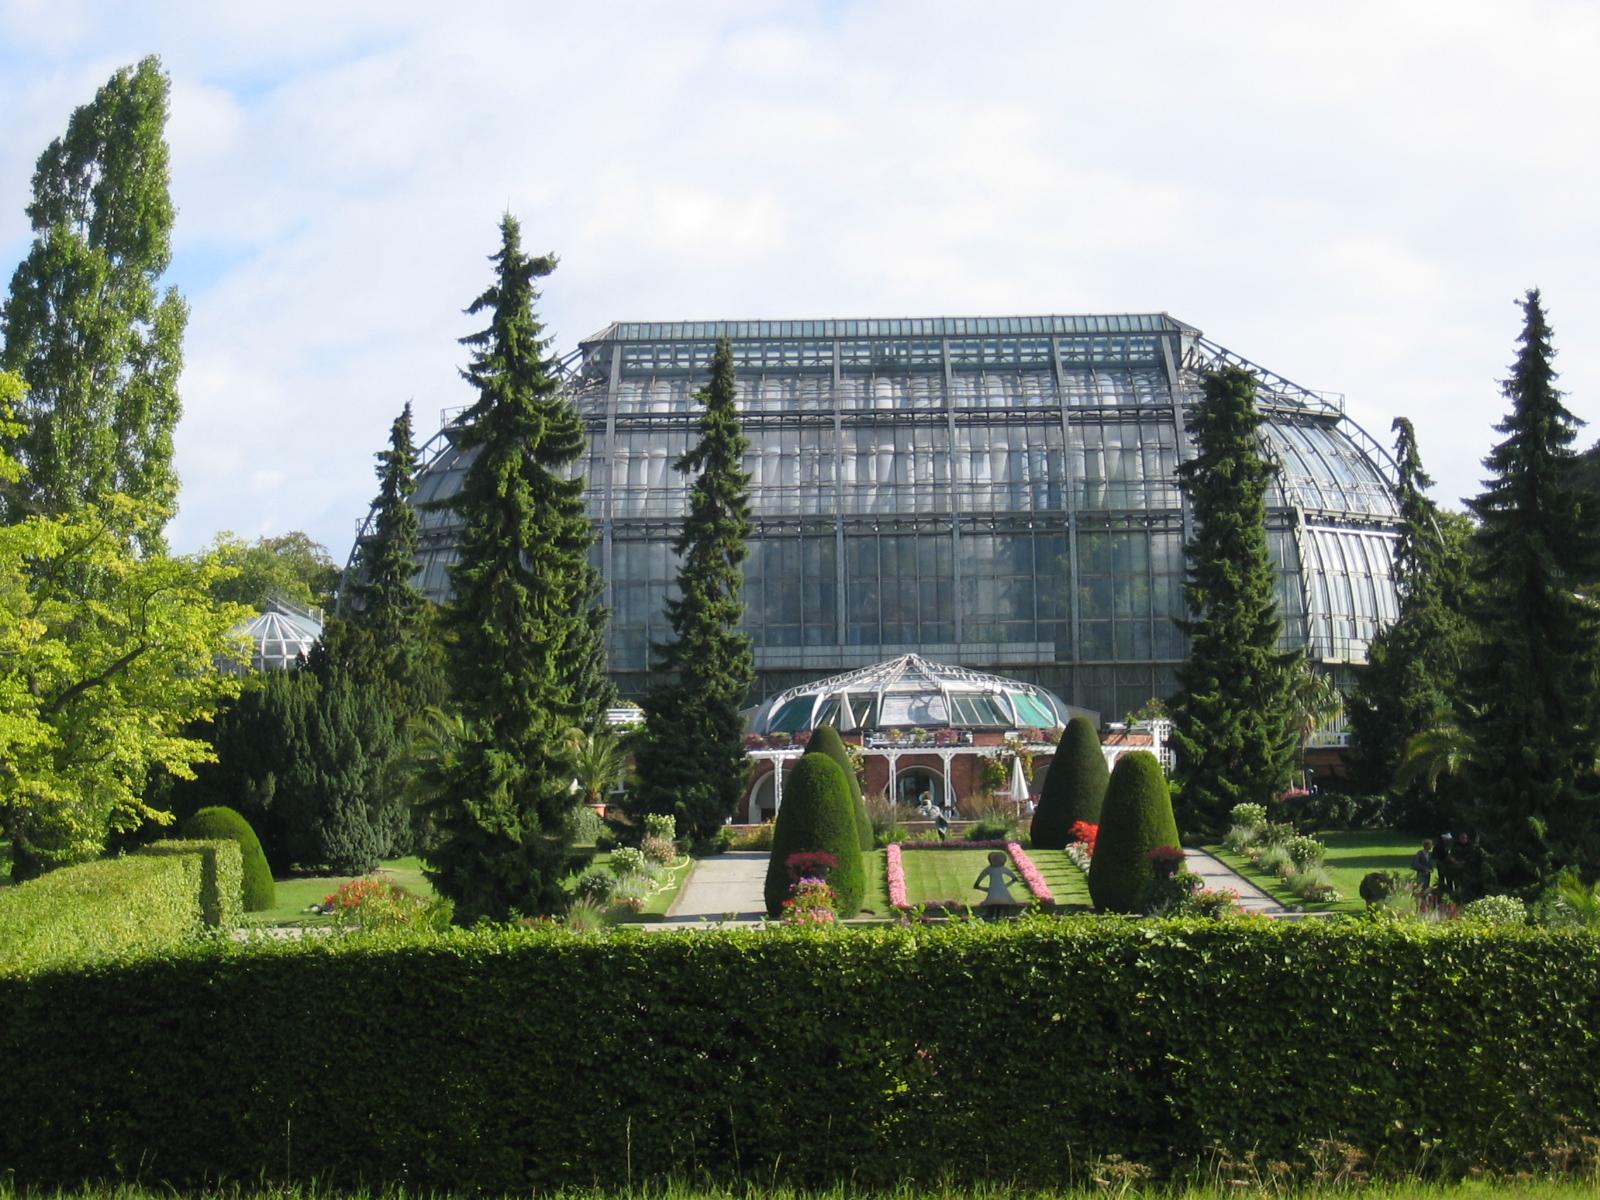 File:Gewaechshaus Botanischer Garten Berlin.jpg